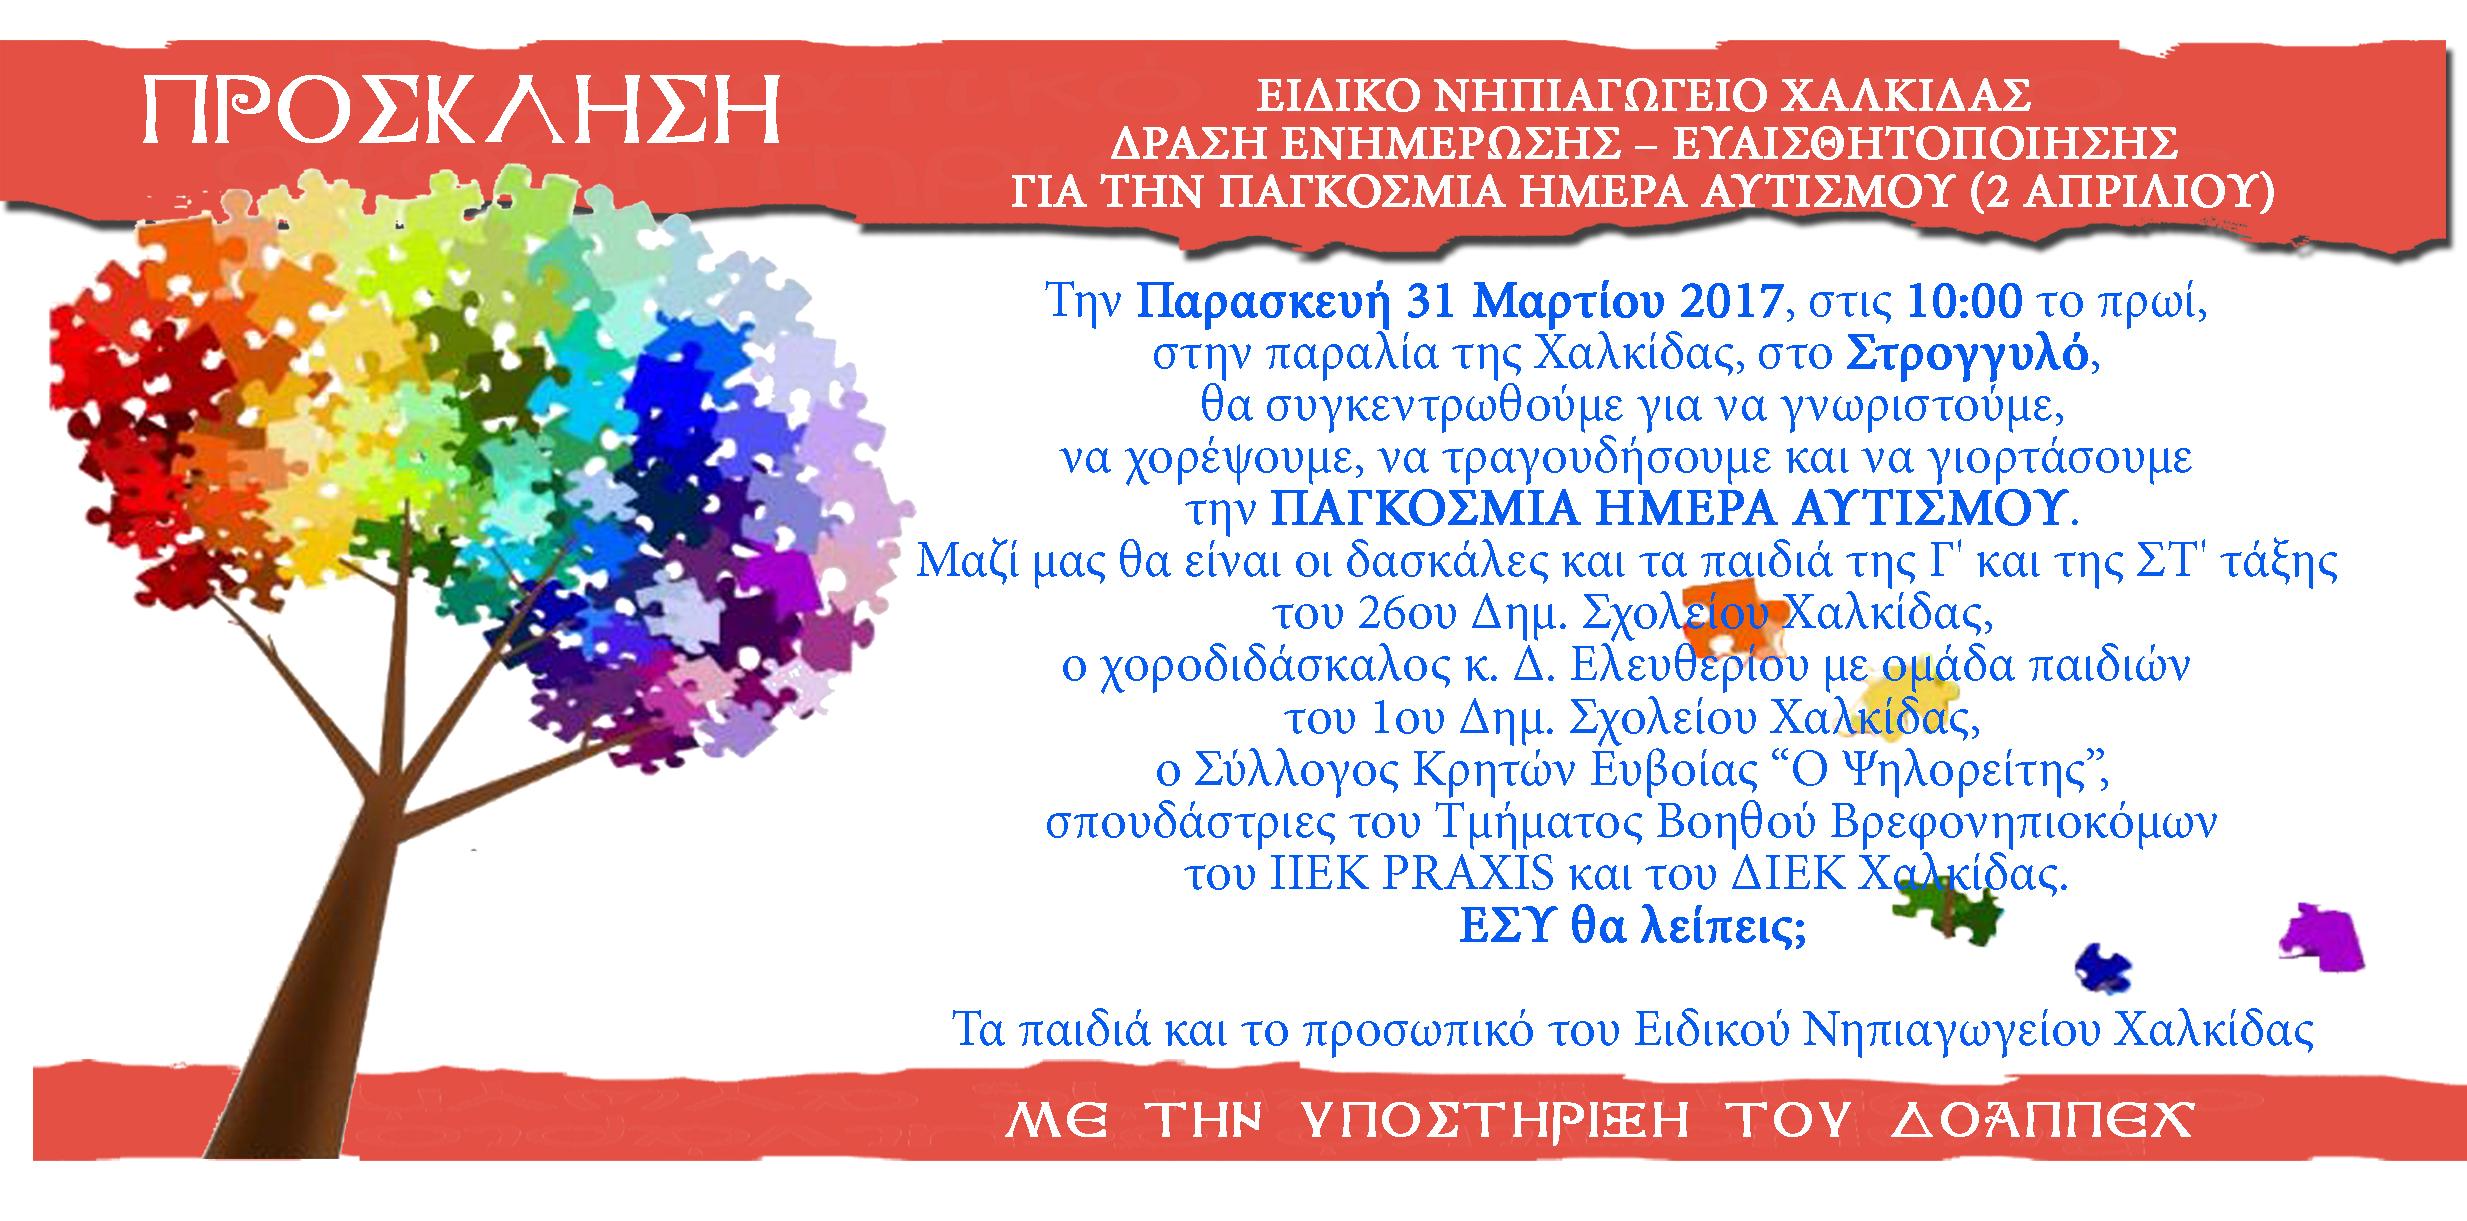 Δράση Ειδικού Νηπιαγωγείου Χαλκίδας για την Παγκόσμια Ημέρα Αυτισμού (02/04)